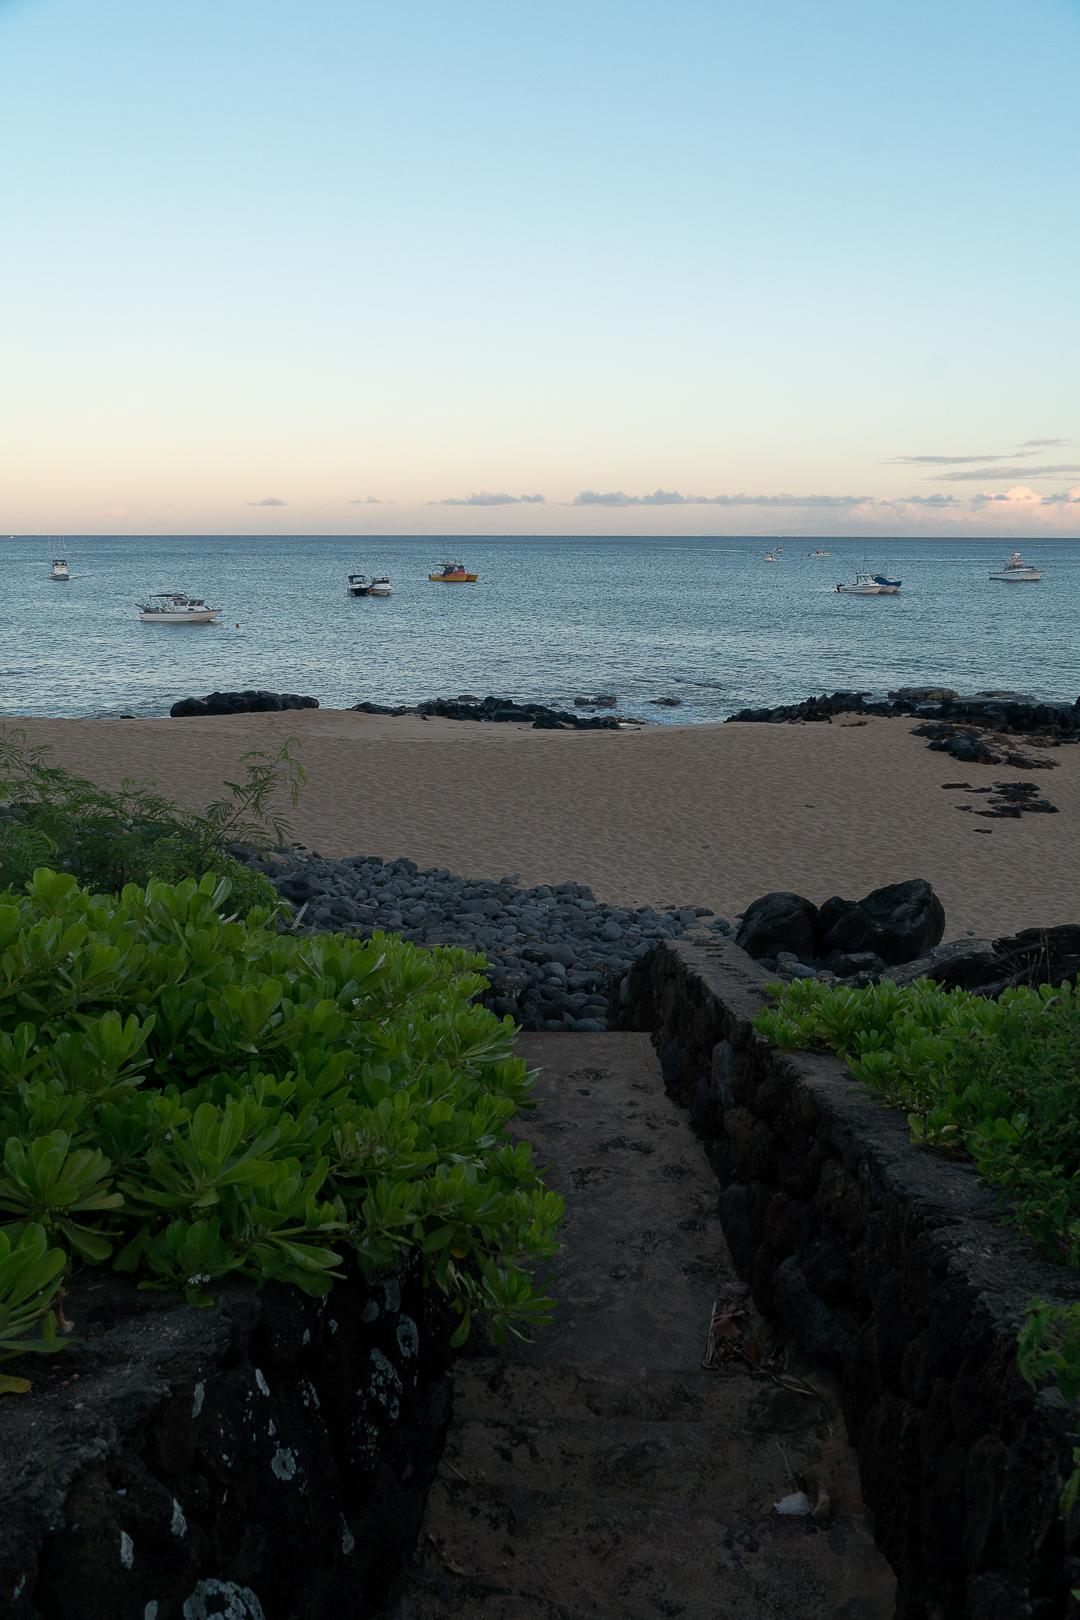 2019-07-28_-_Molokai_2_Oahu_000020.jpg